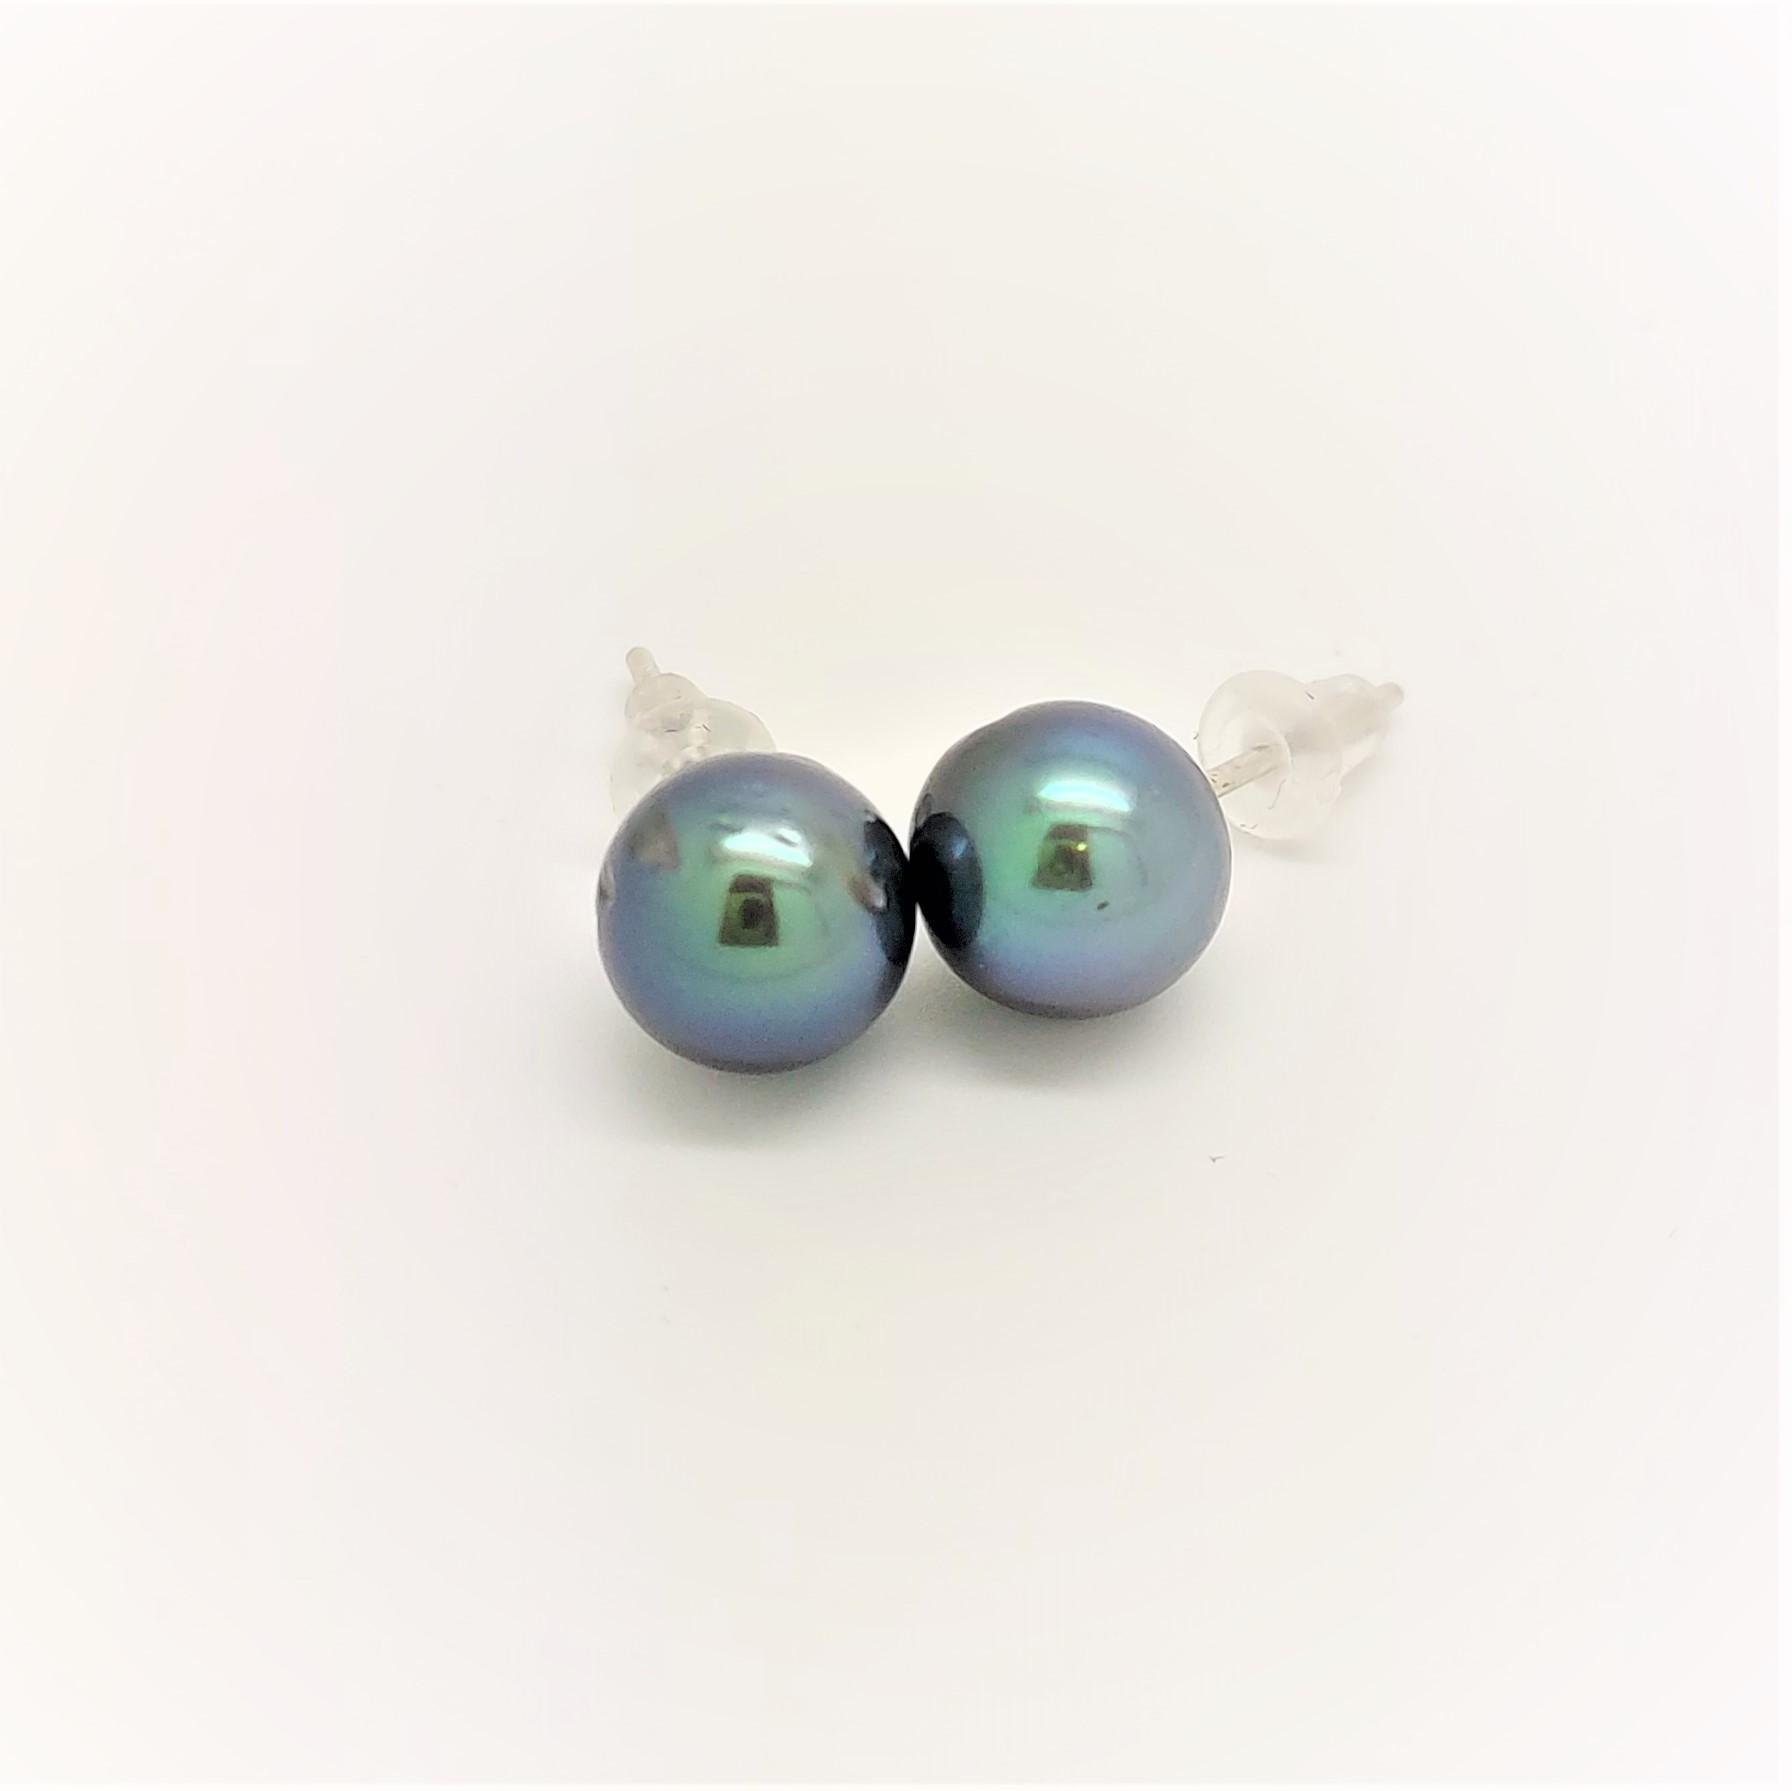 Boutons d\'oreilles 2 perles de Tahiti de 9mm couleur bleue vert océan